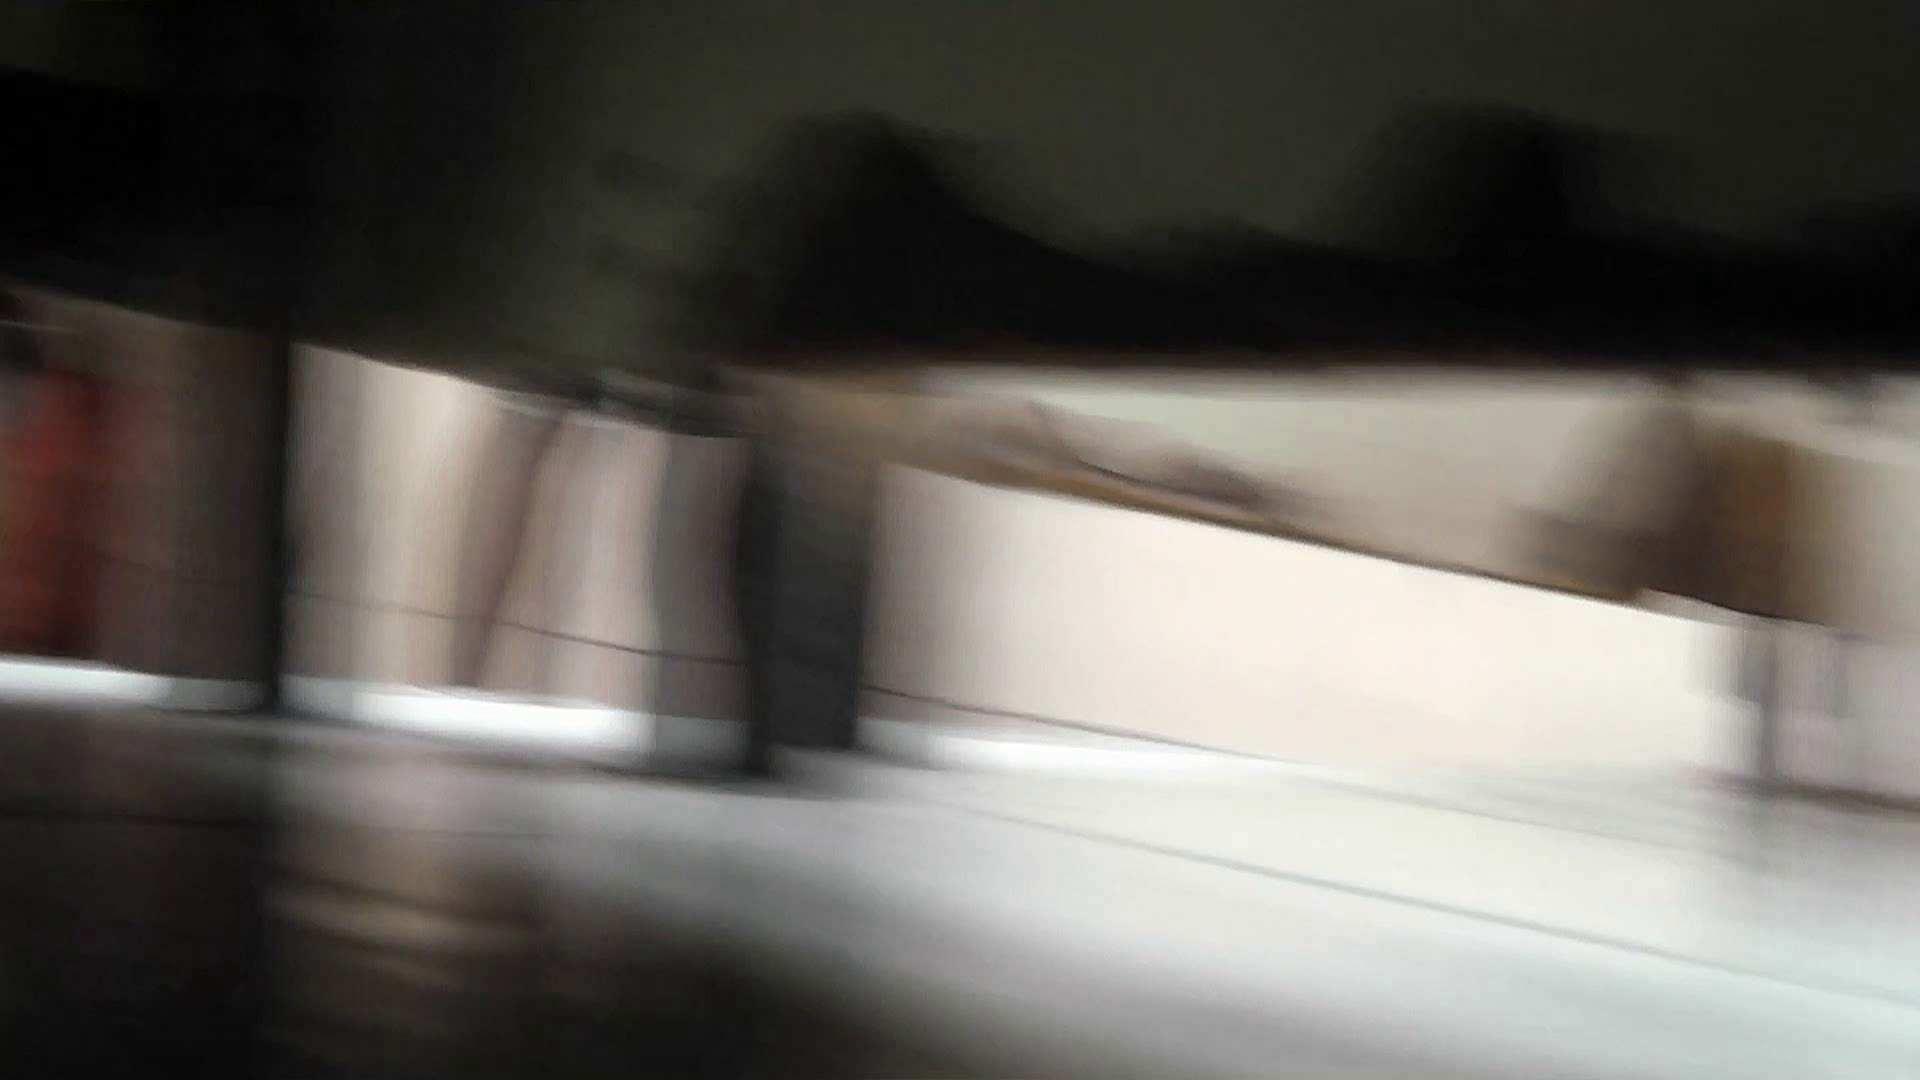 ステーション編 vol.34 無料動画のモデルつい本番登場Ⅱやっぱり違います 色っぽいOL達 | モデルエロ映像  103pic 65